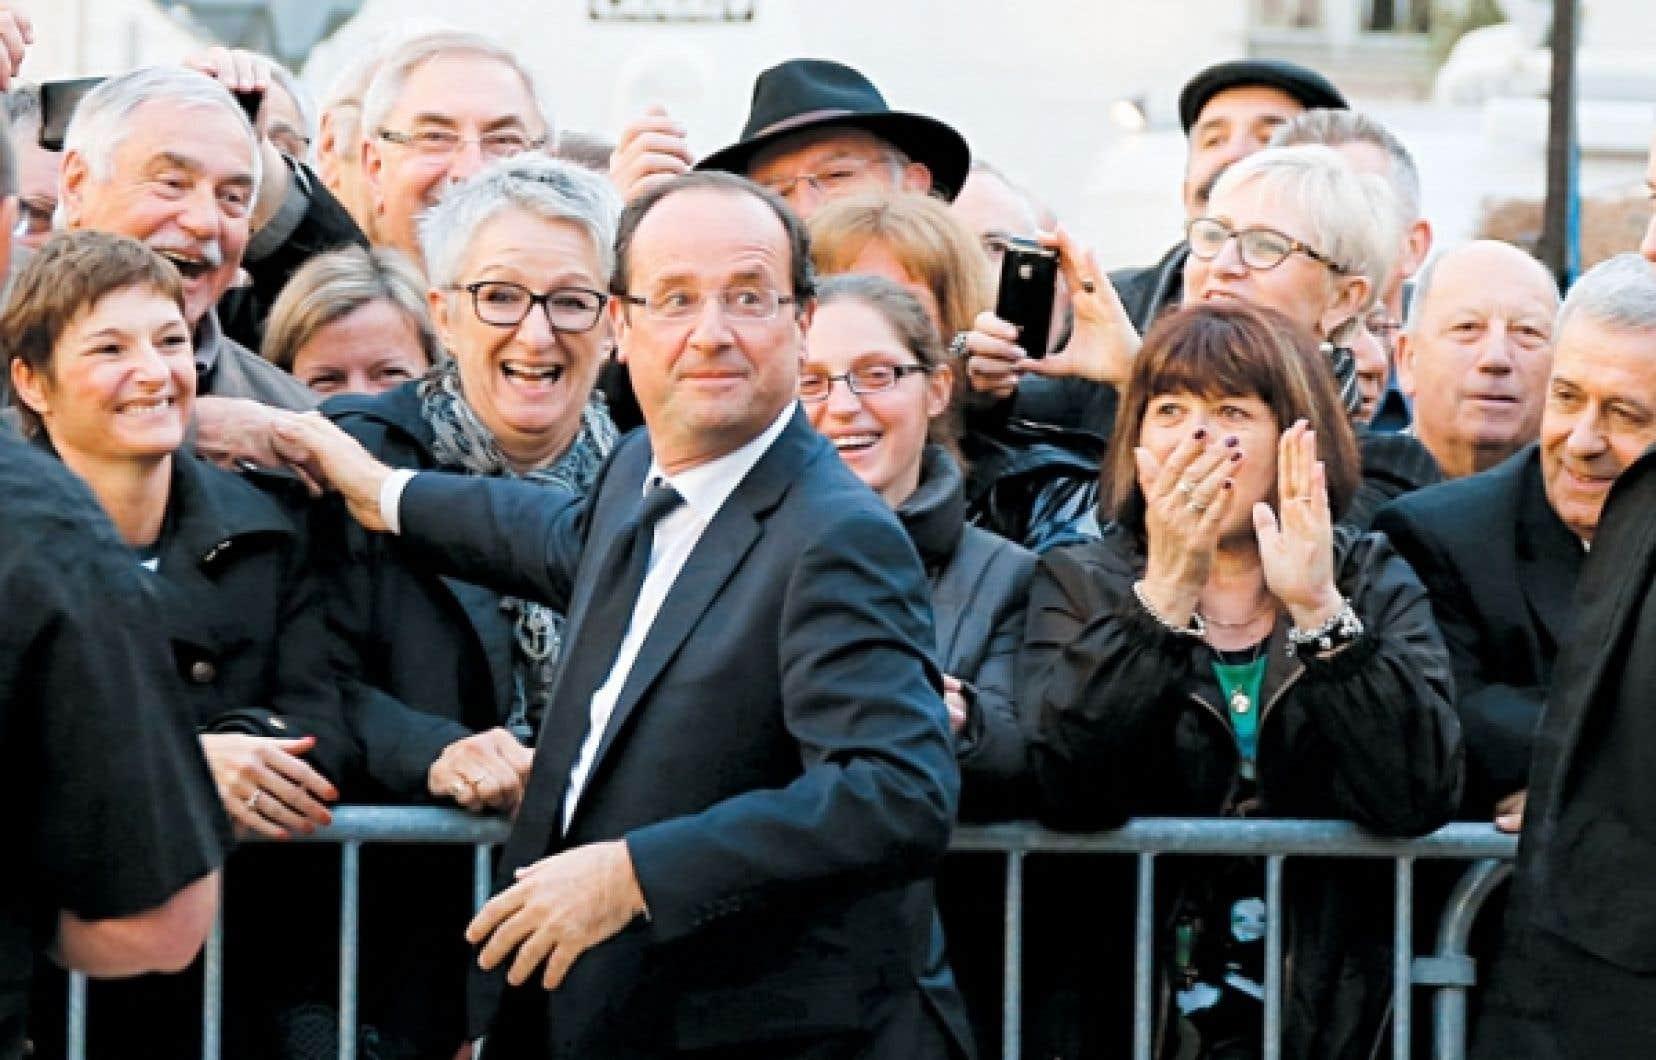 <div> Le candidat socialiste François Hollande est allé à la rencontre des électeurs à Périgueux.</div>